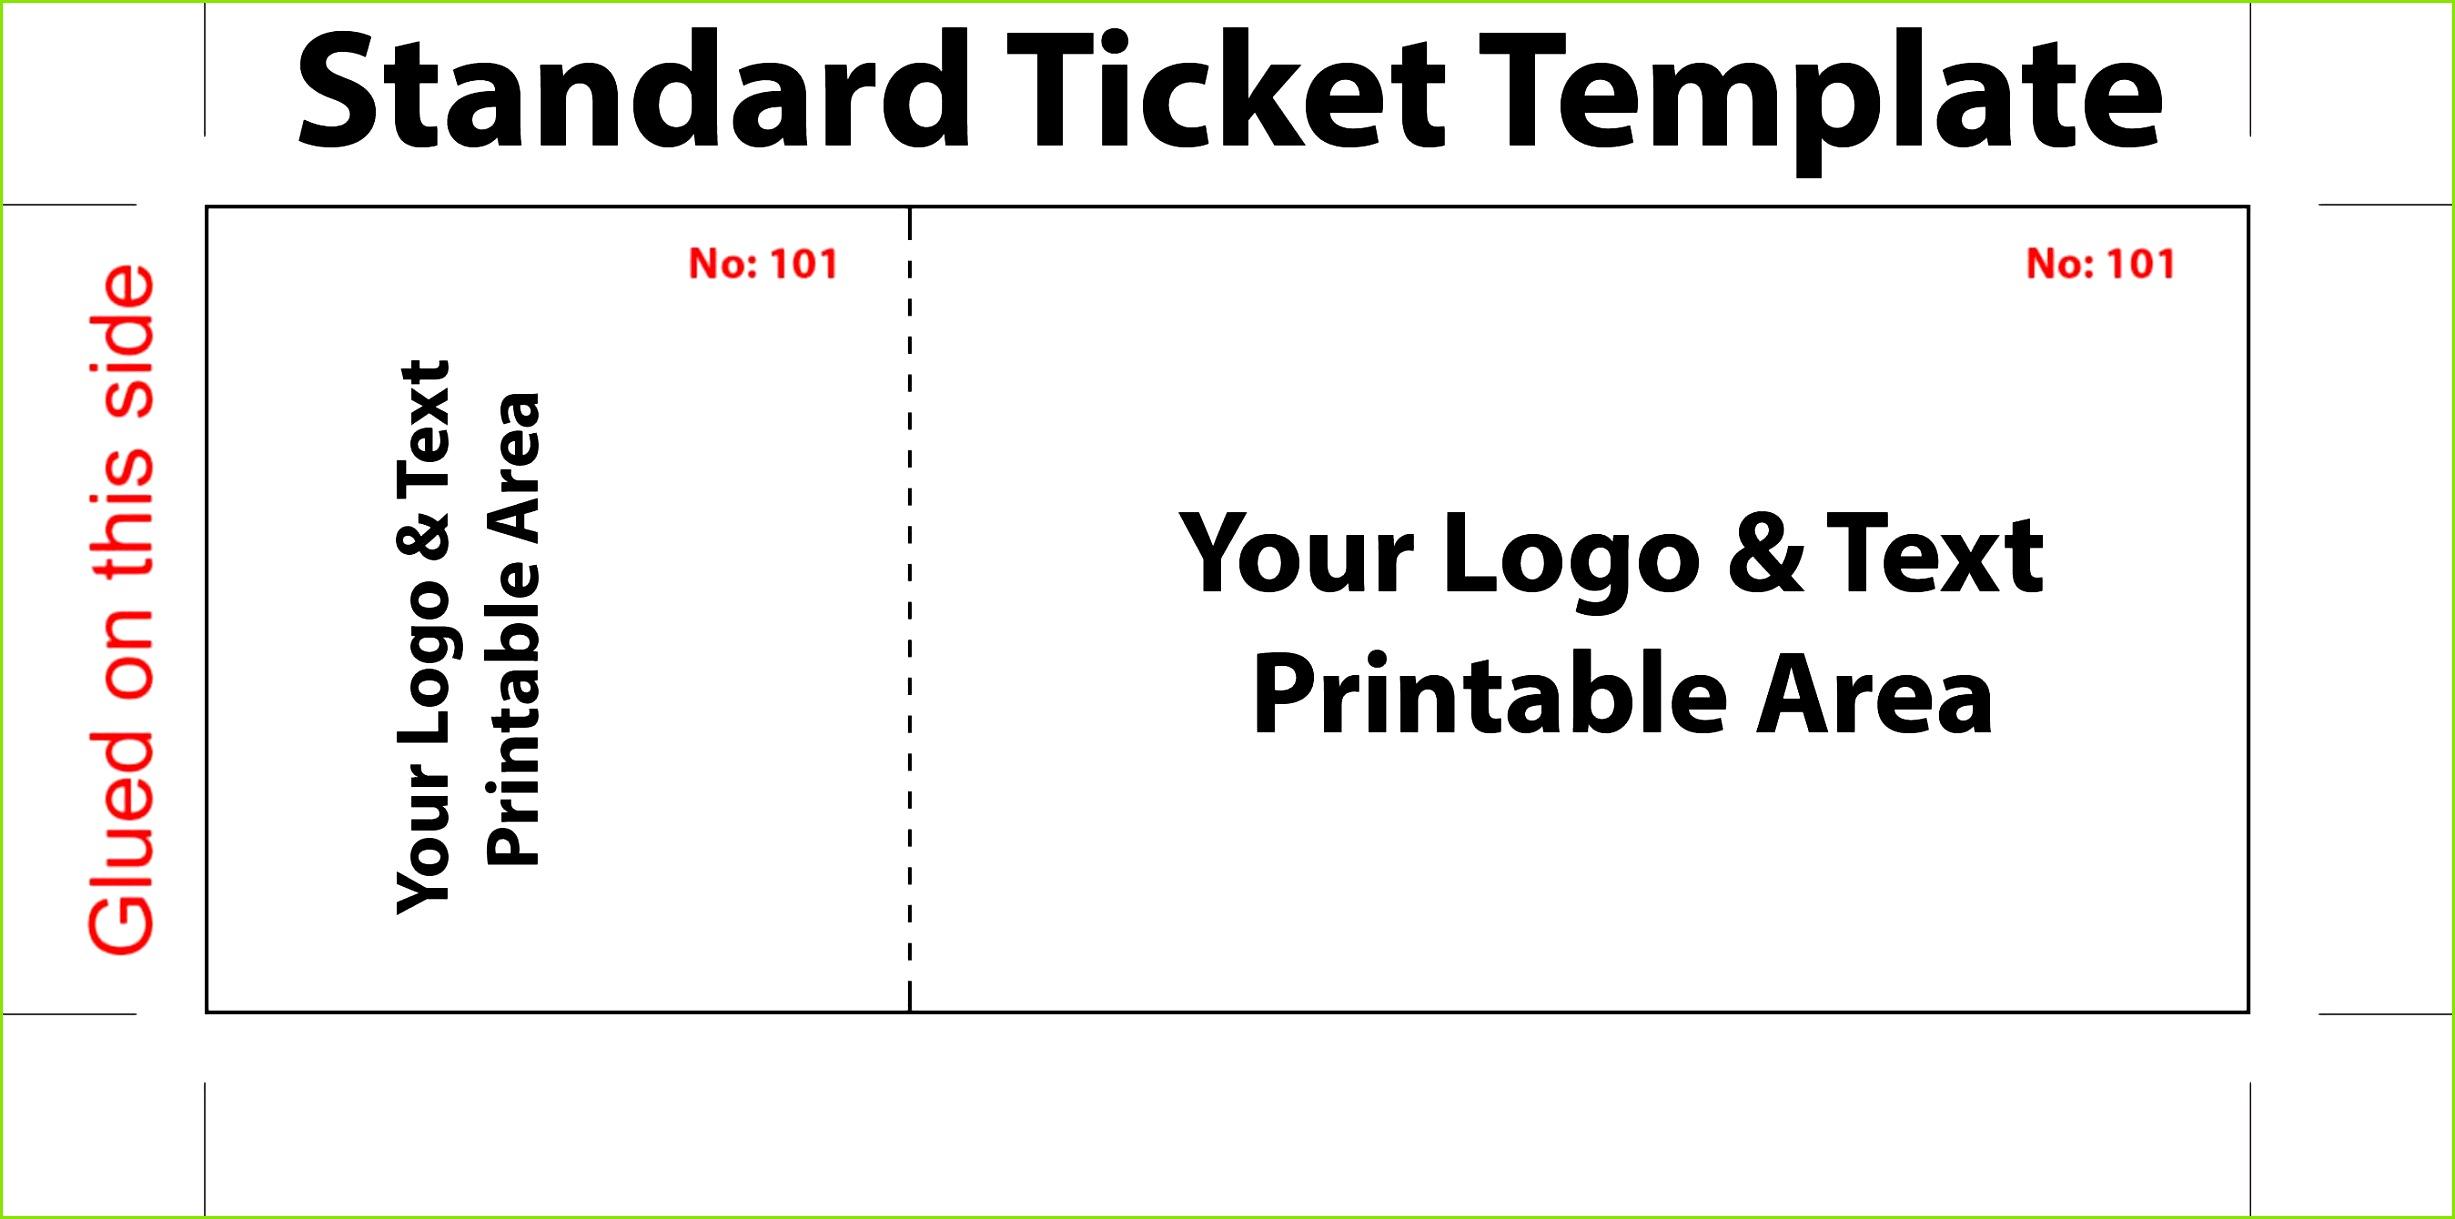 010 Fundraiser Tickets Template Free Event Ticket Download Word Einladung Flugticket Vorlage Kostenlos Clipart Luxury